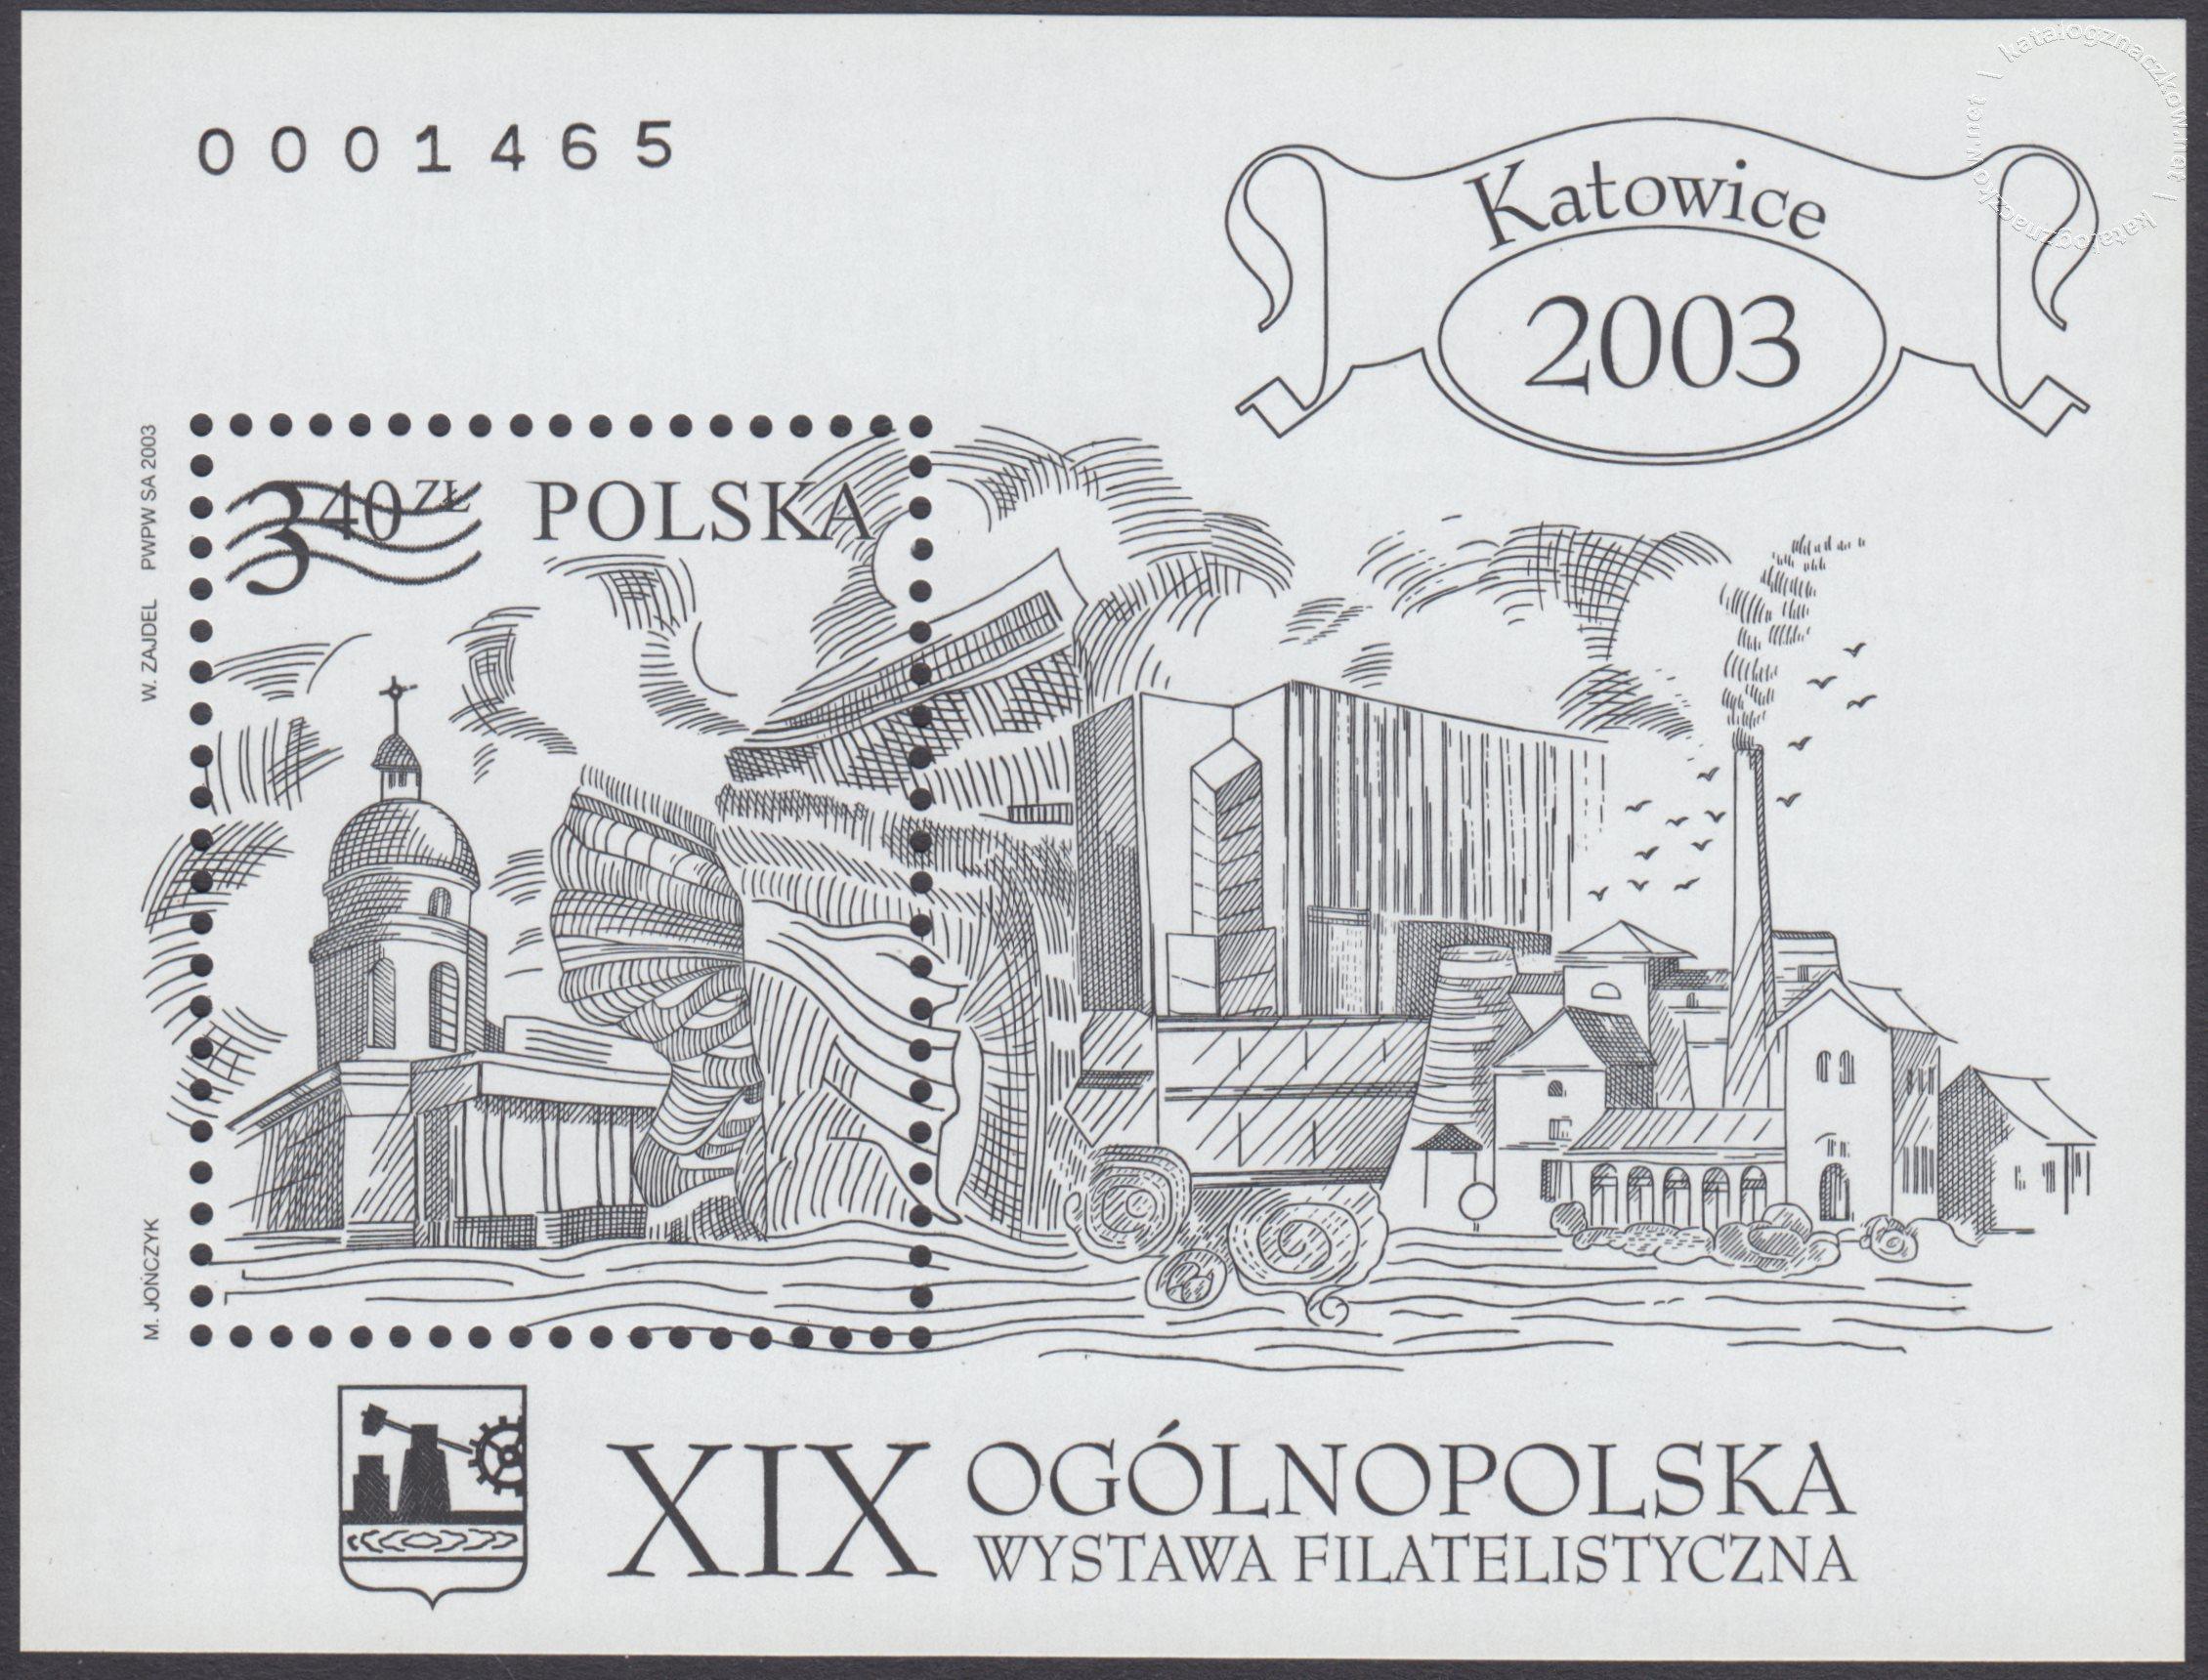 XIX Ogólnopolska wystawa filatelistyczna Katowice 2003 – Blok 136BND